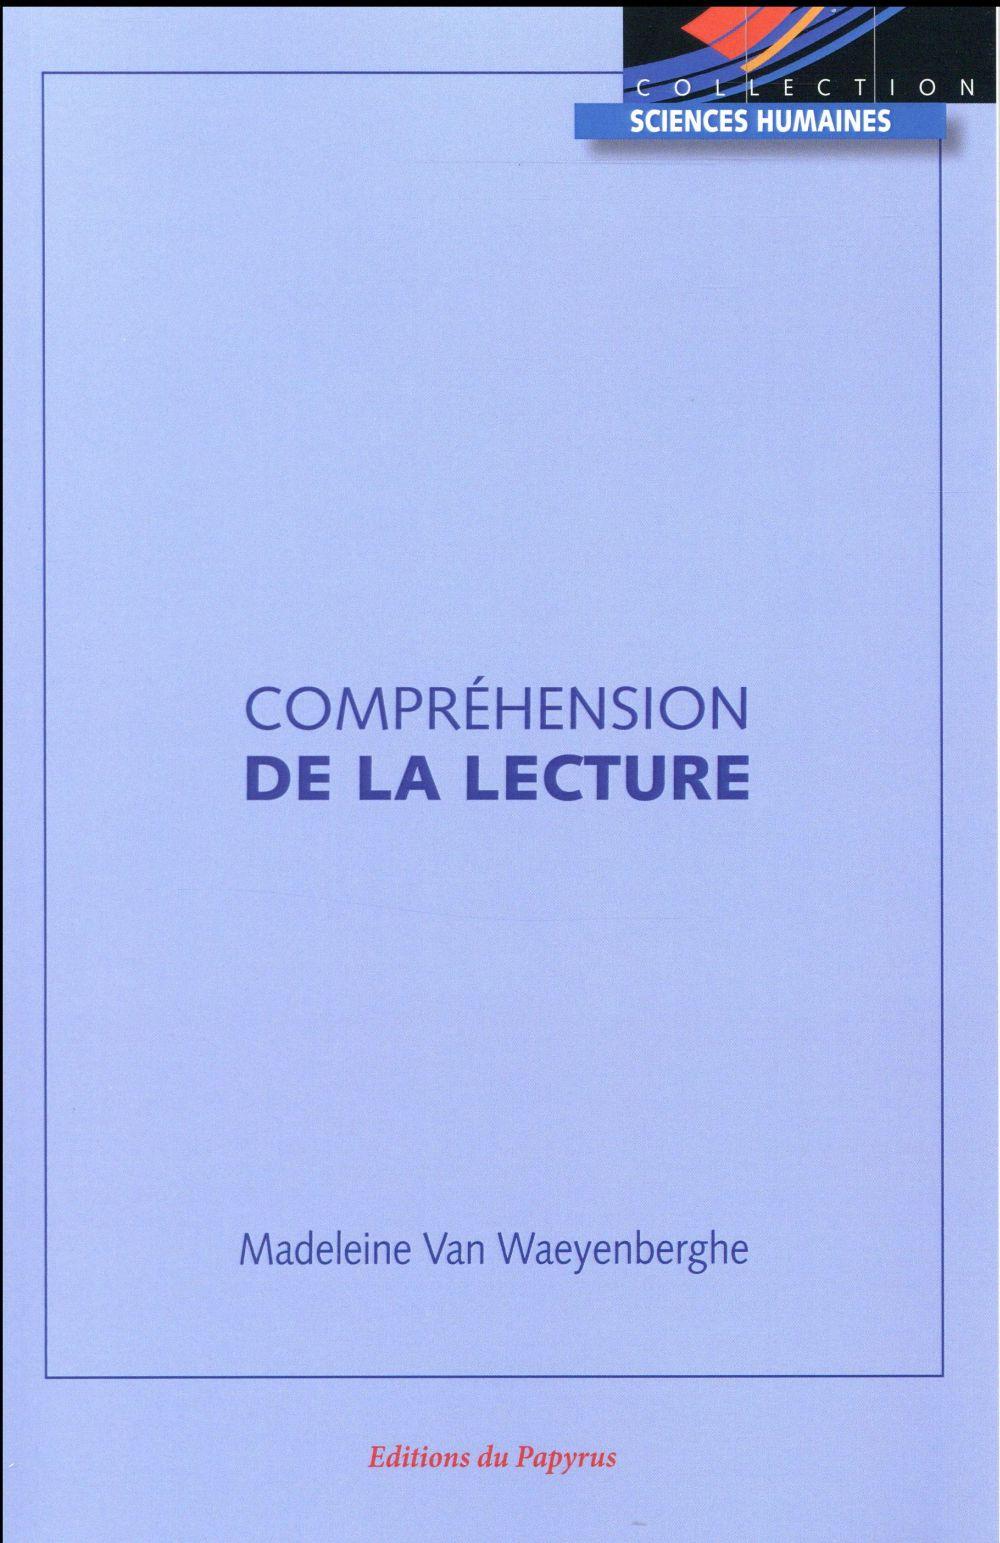 COMPREHENSION DE LA LECTURE